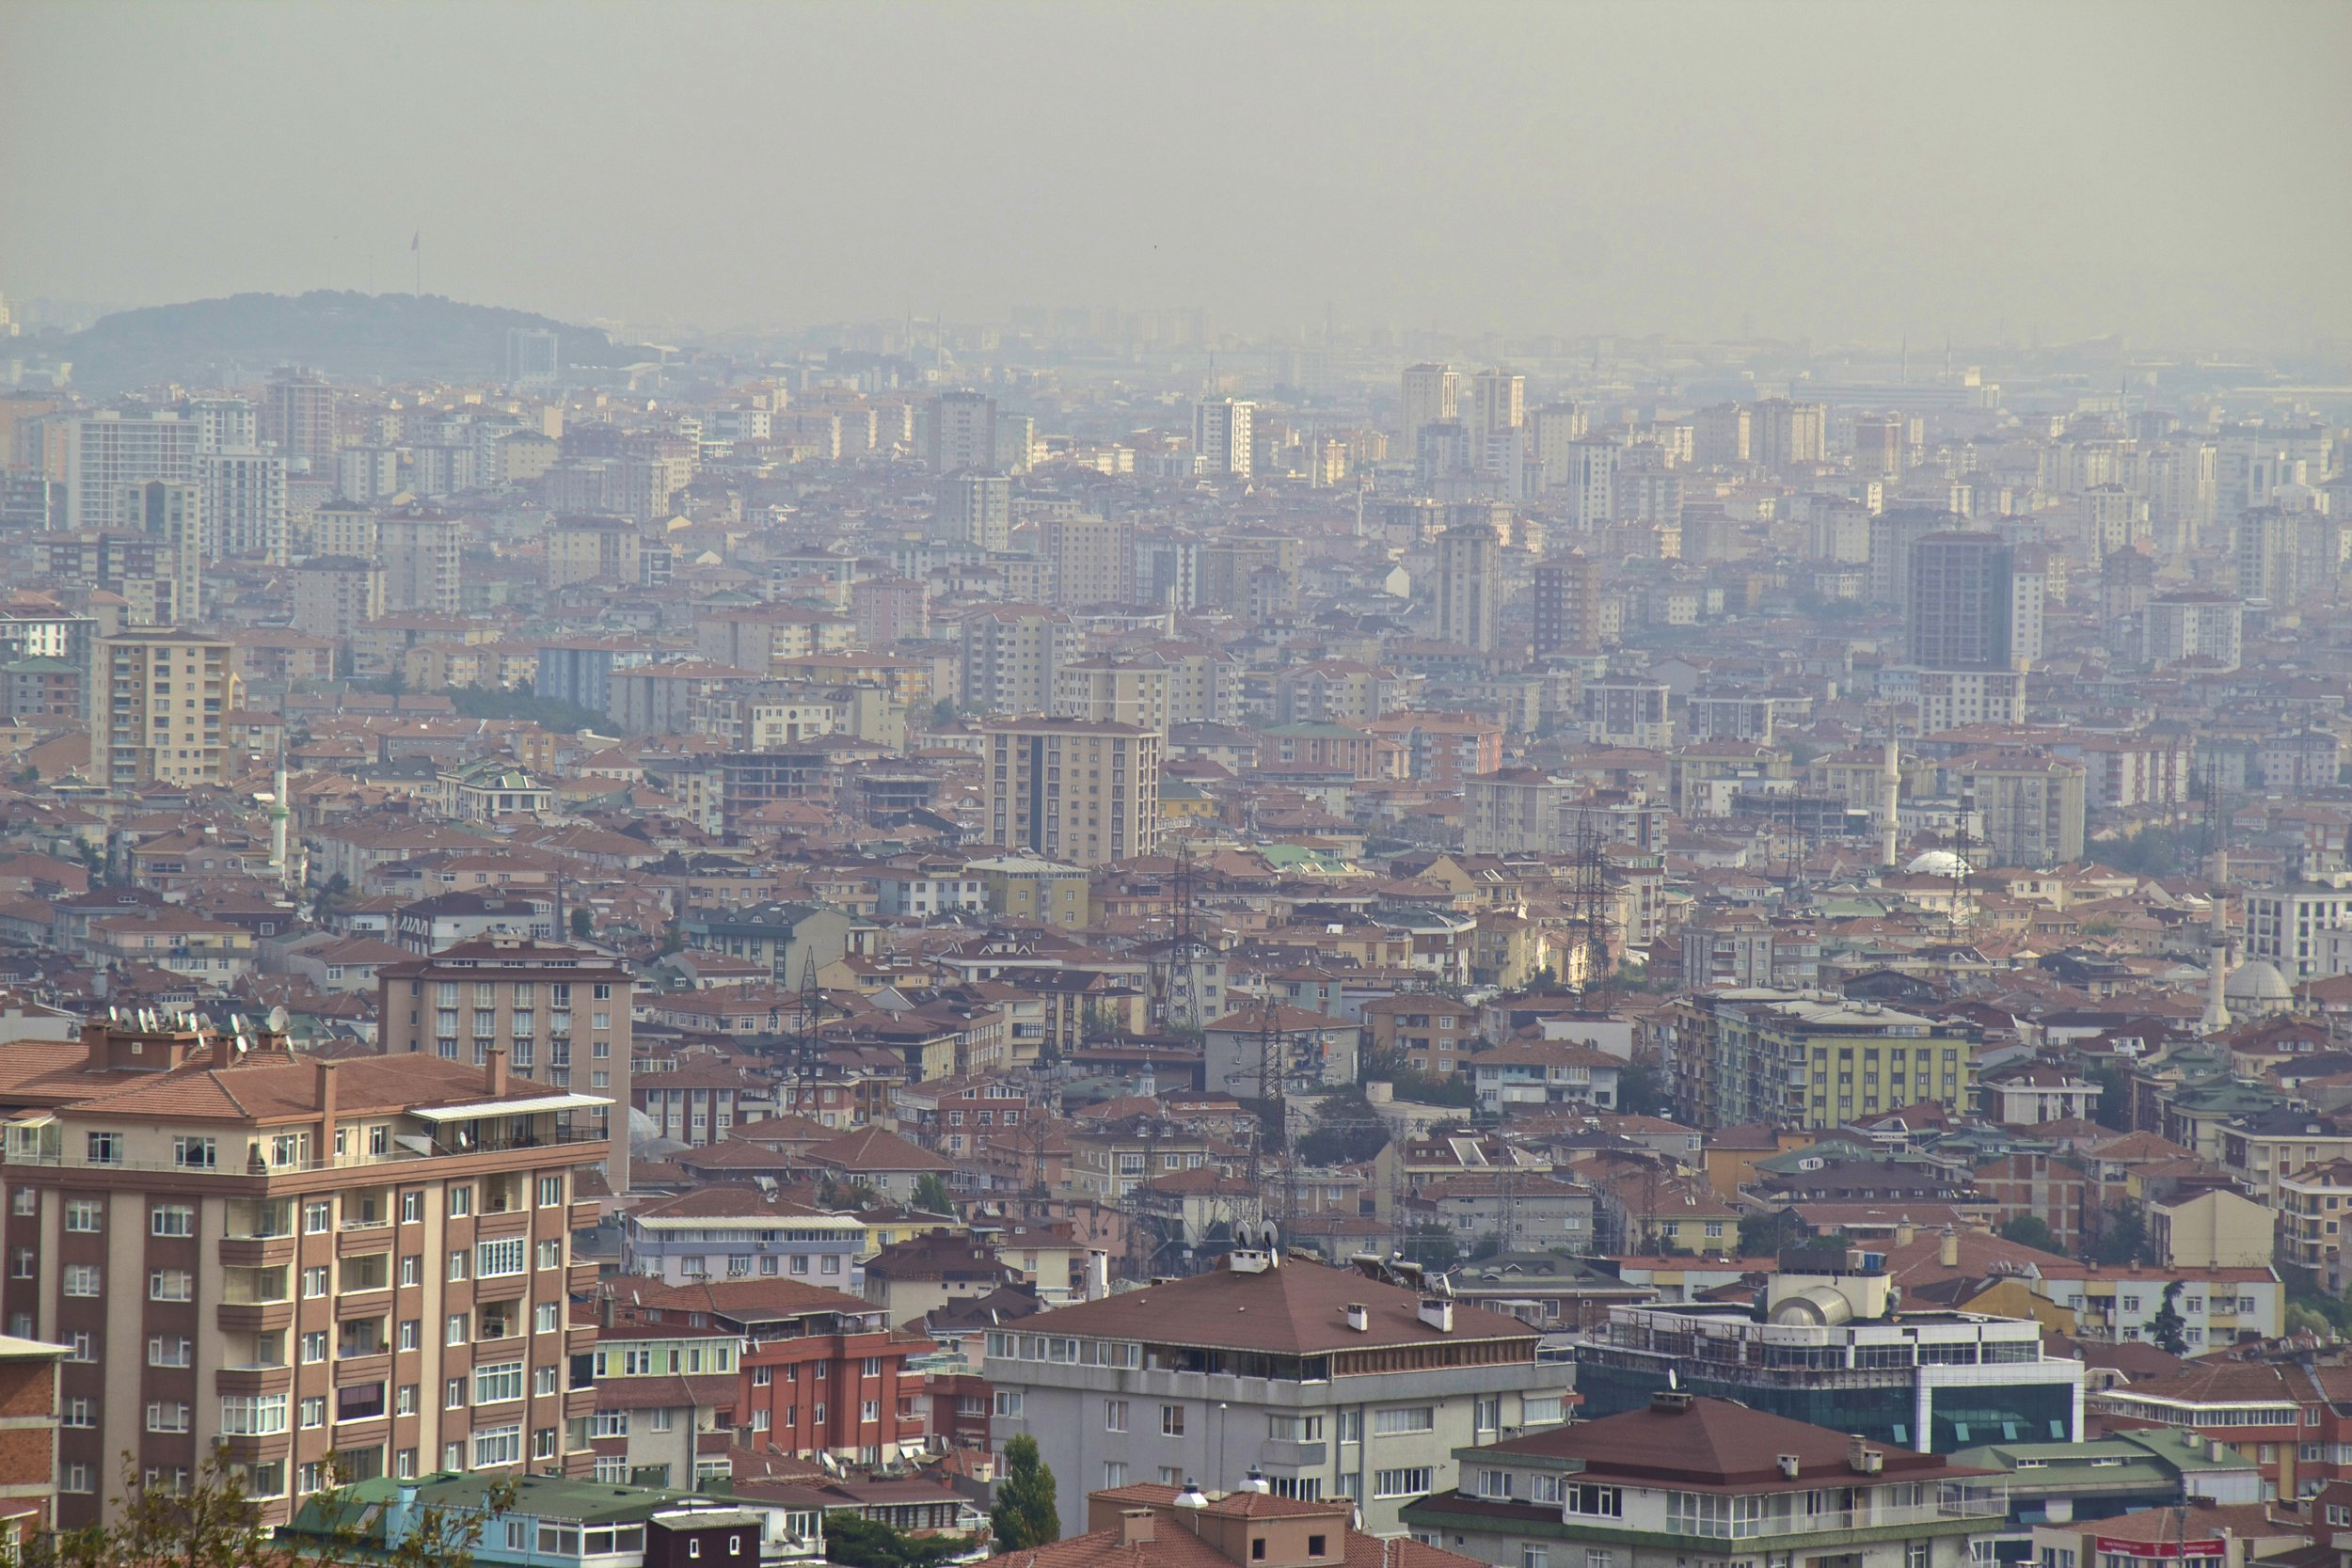 Çamlıca Hill Istanbul Turkey 3.jpg